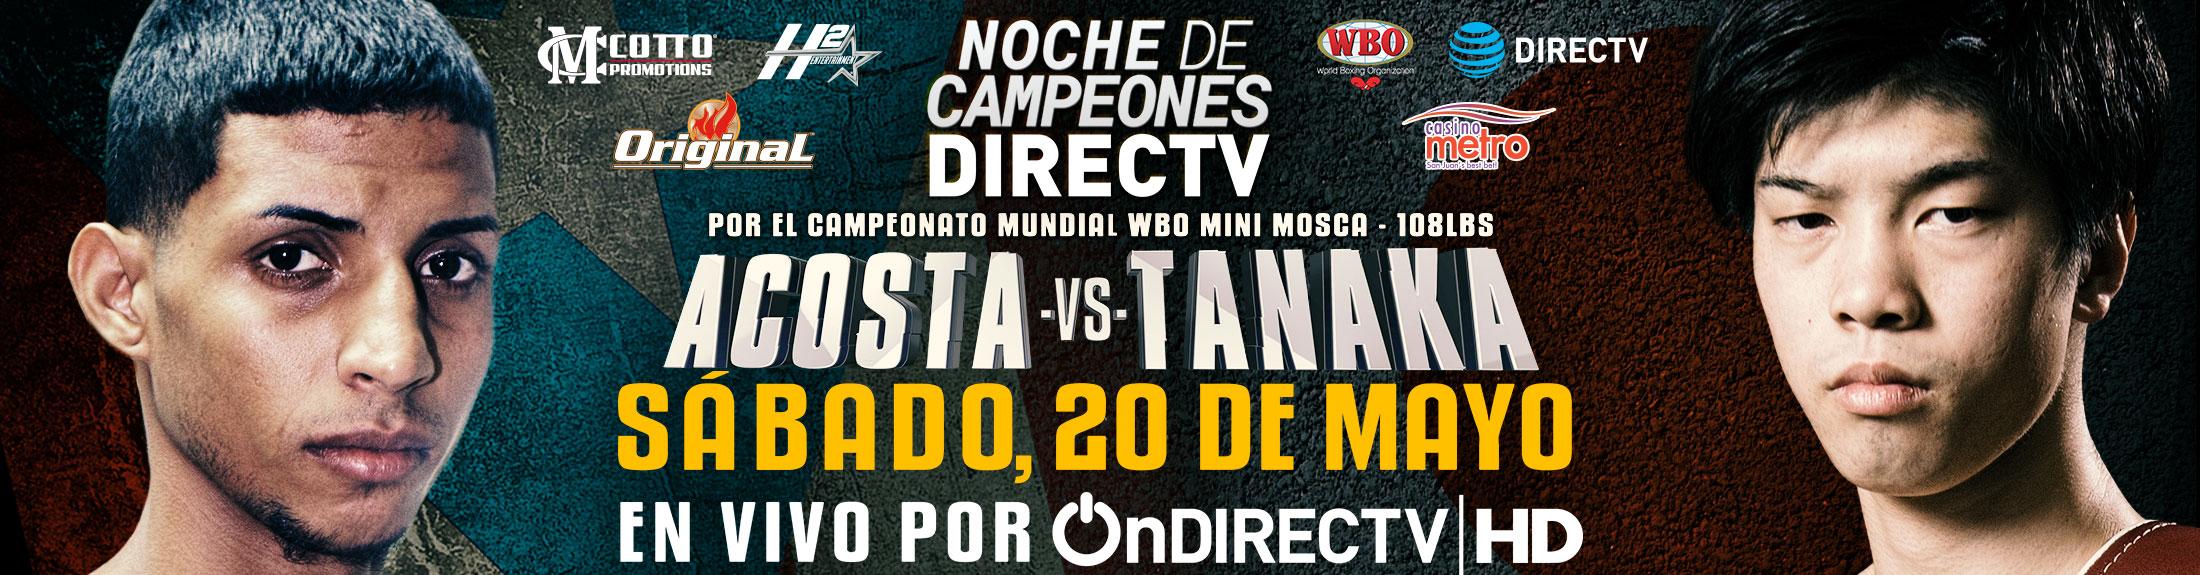 letterhead-Acosta-vs-Tanaka